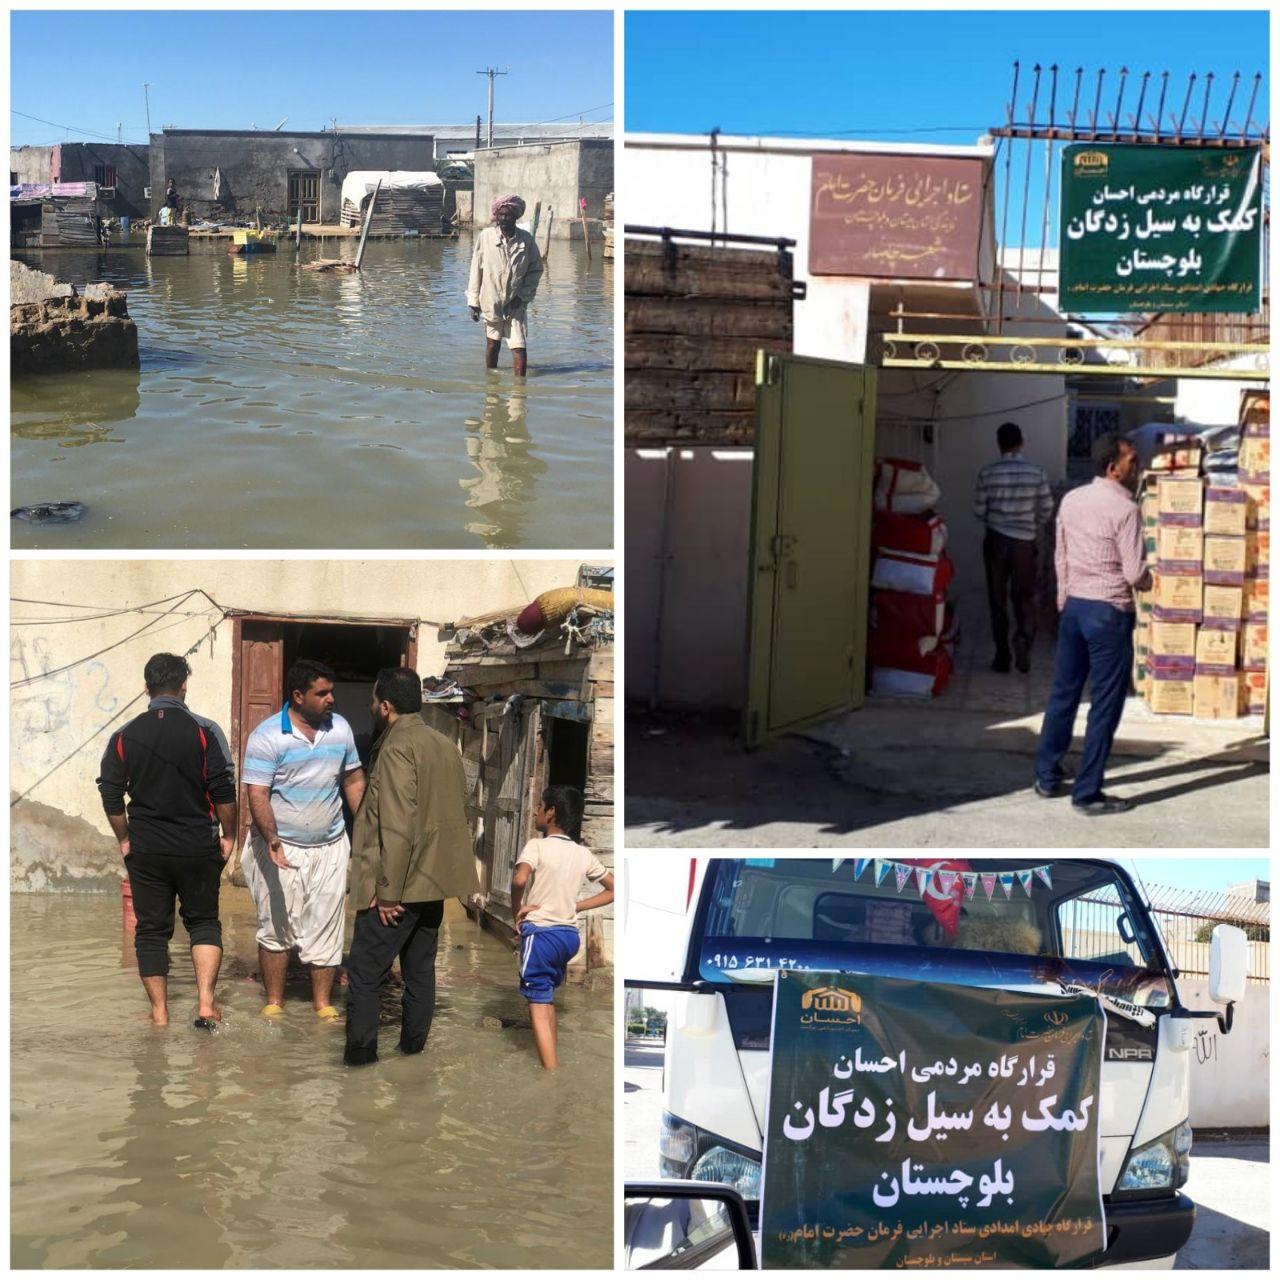 توزیع کمکهای ستاد اجرایی فرمان امام بین سیلزدگان سیستان و بلوچستان + عکس